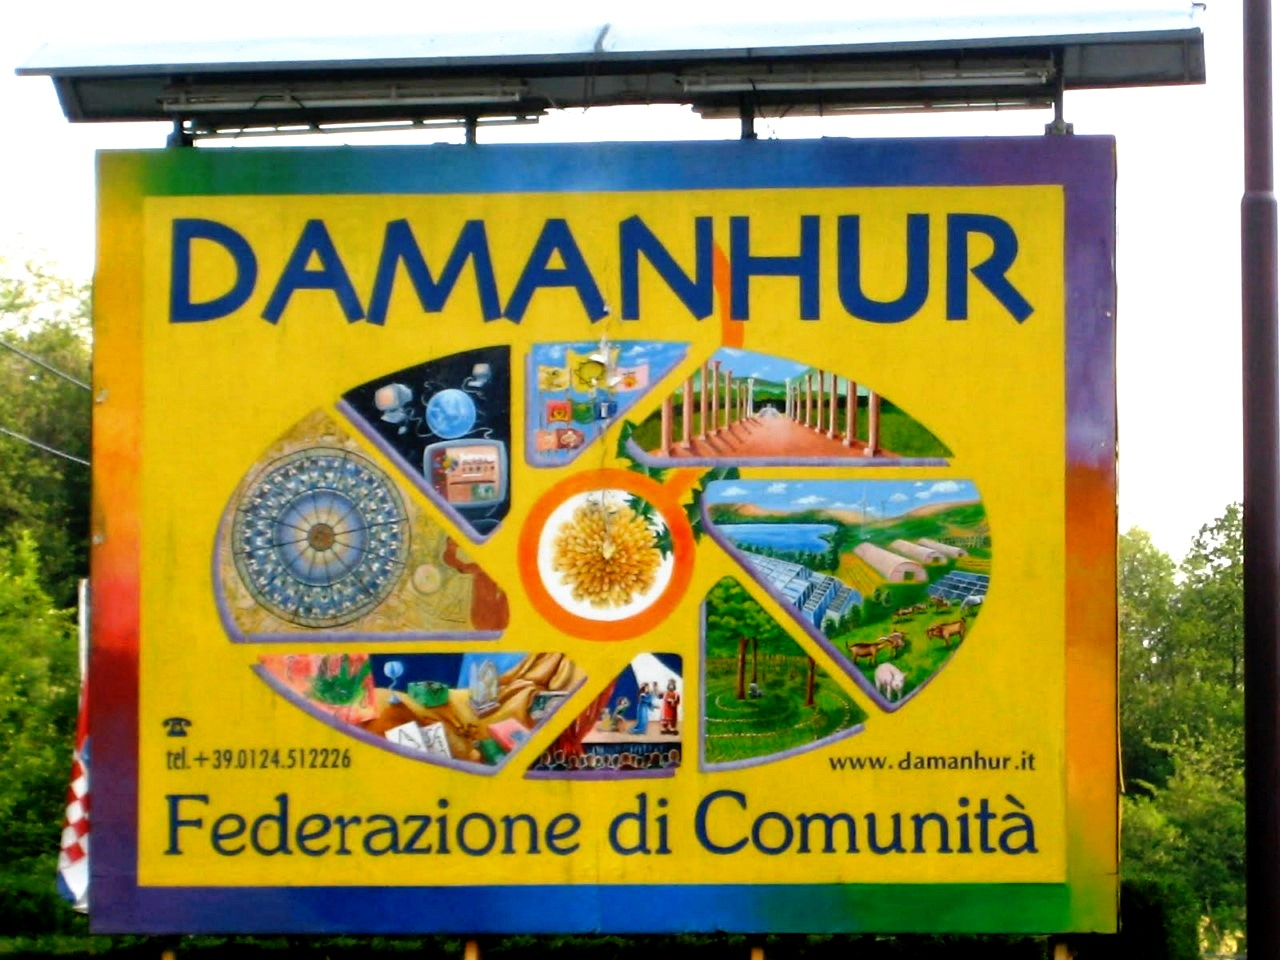 Коммуна Даманхур